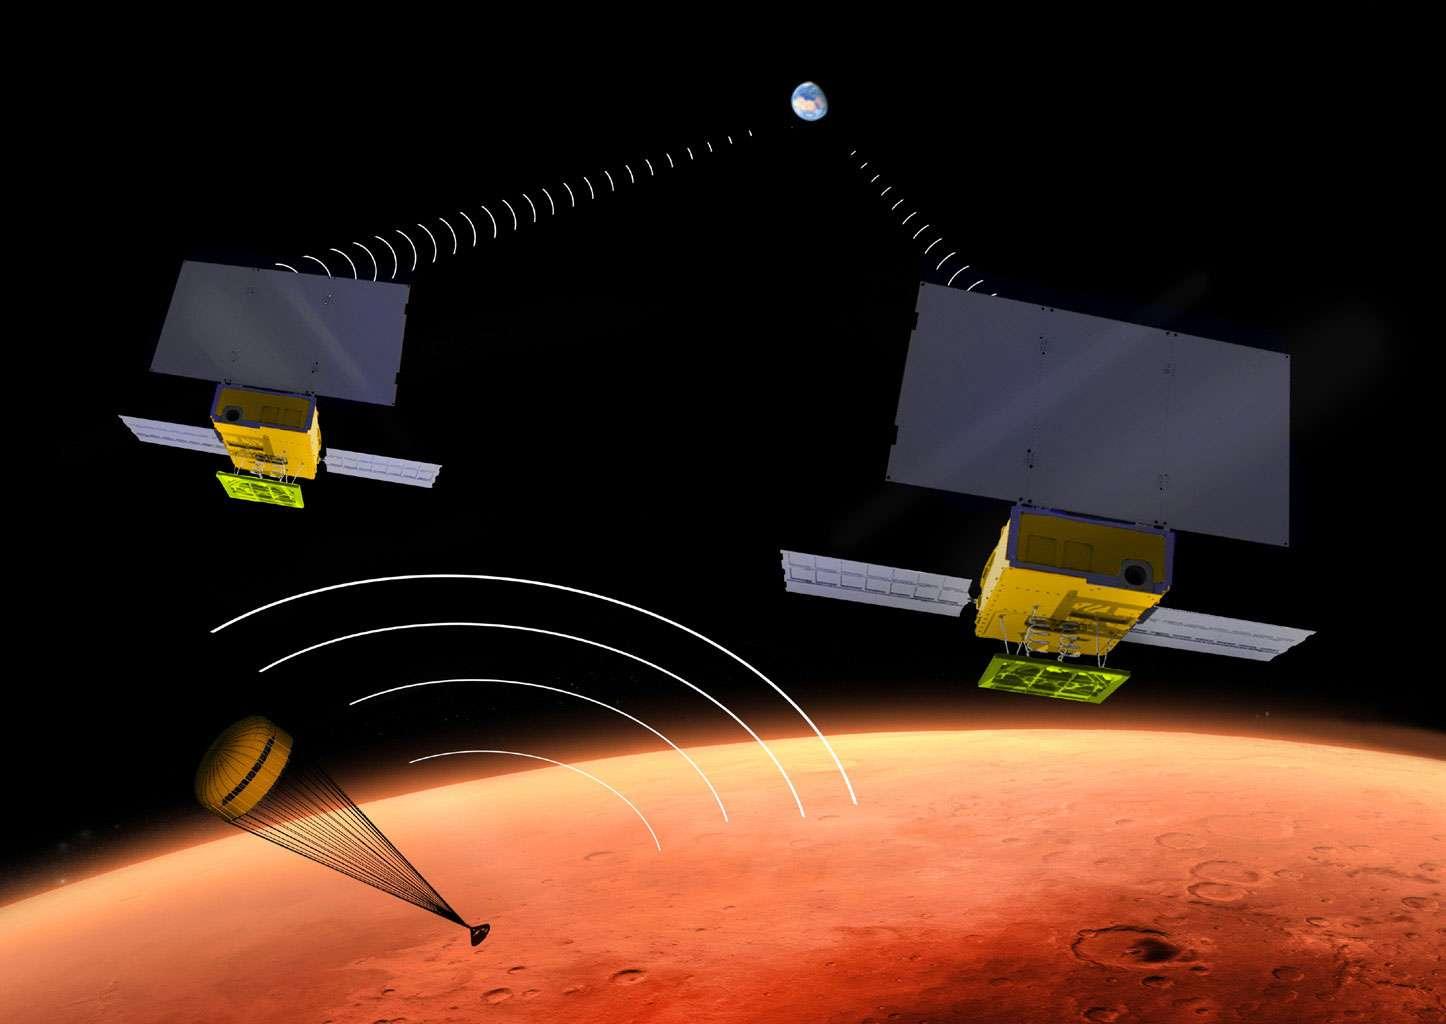 Les CubeSat pourraient être utilisés dans des situations de plus en plus audacieuses, comme c'est le cas avec la mission InSight de la Nasa. Un progrès rendu notamment possible grâce à la miniaturisation des instruments scientifiques et des servitudes des satellites (c'est-à-dire leurs éléments de navigation et de structure). © JPL/Nasa